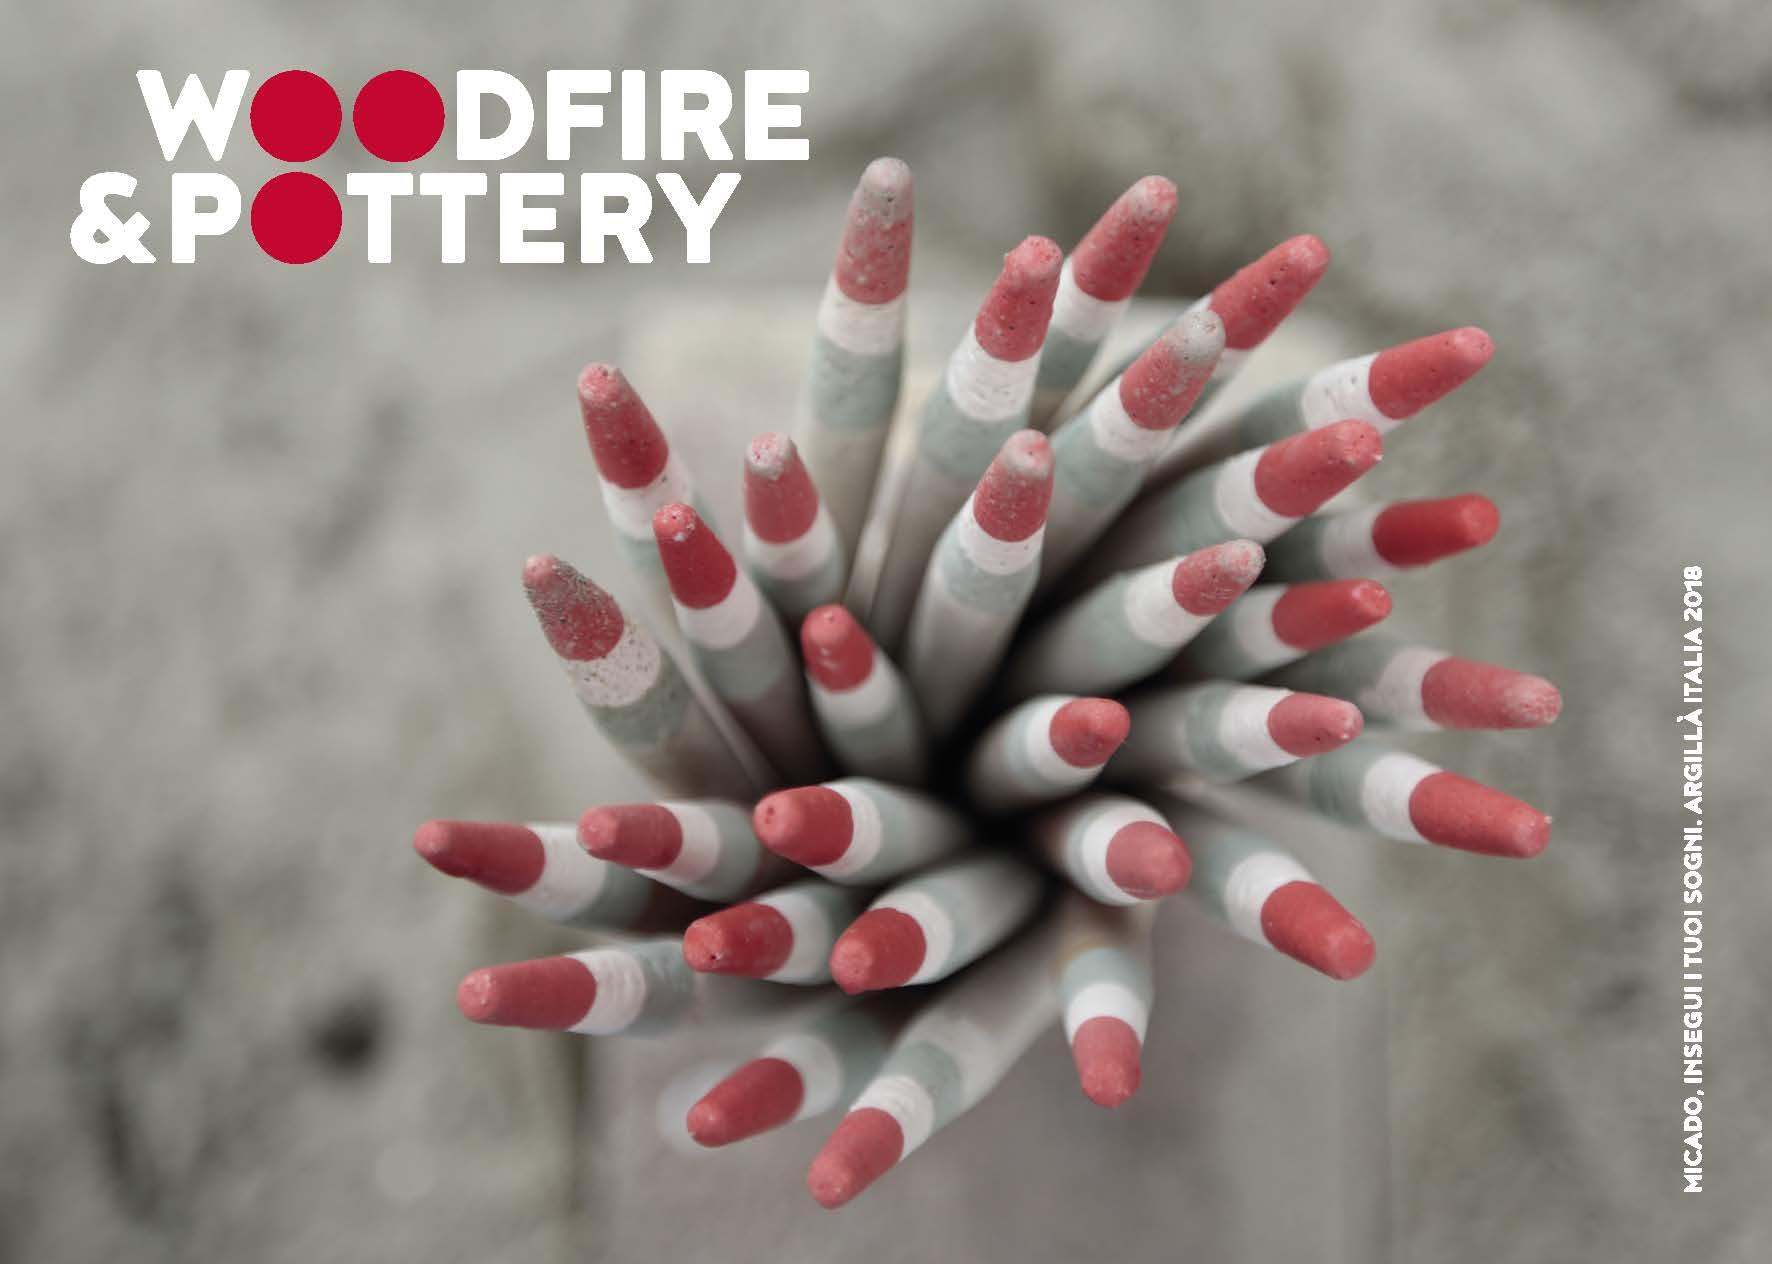 Woodfire&Pottery, fuoco e arte in mostra a Vicenza